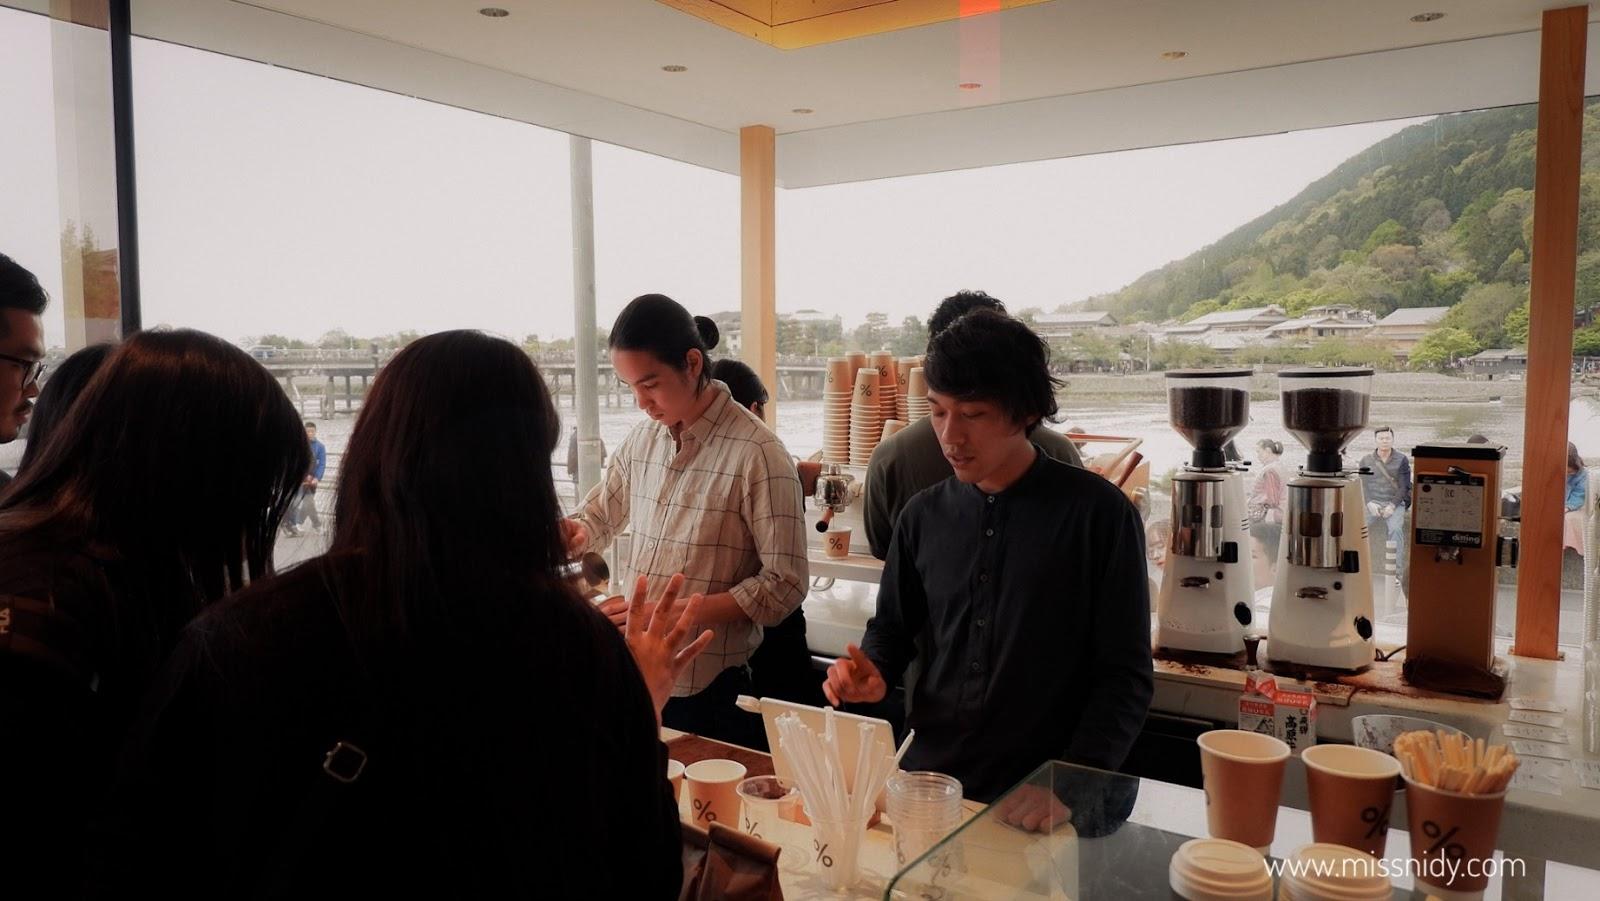 coffee shop di pinggir sungai di jepang